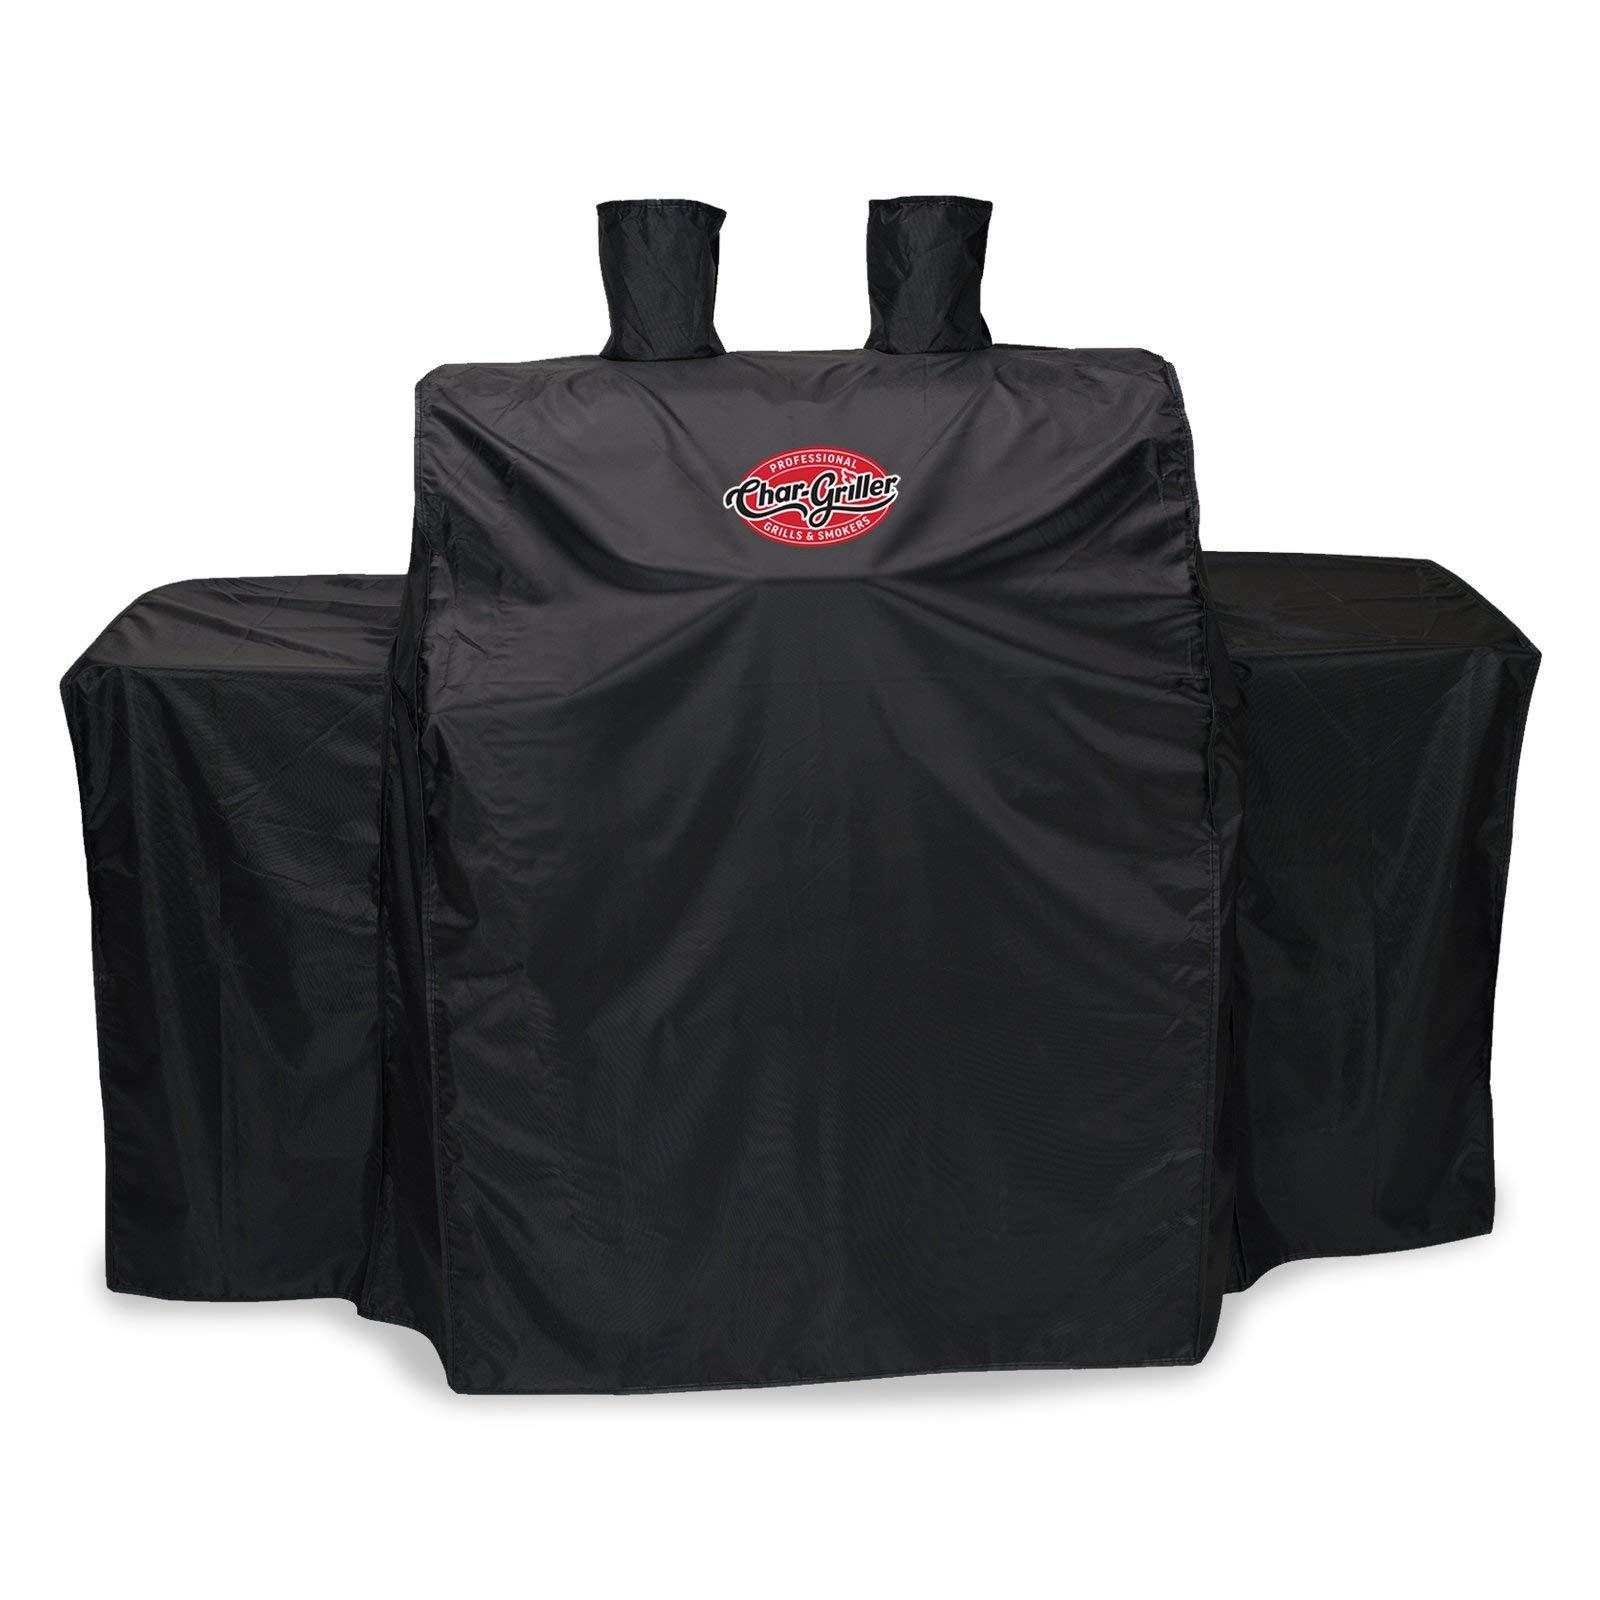 Char-Griller 3055 3-Burner Gas Grill Cover, Black by Char-Griller